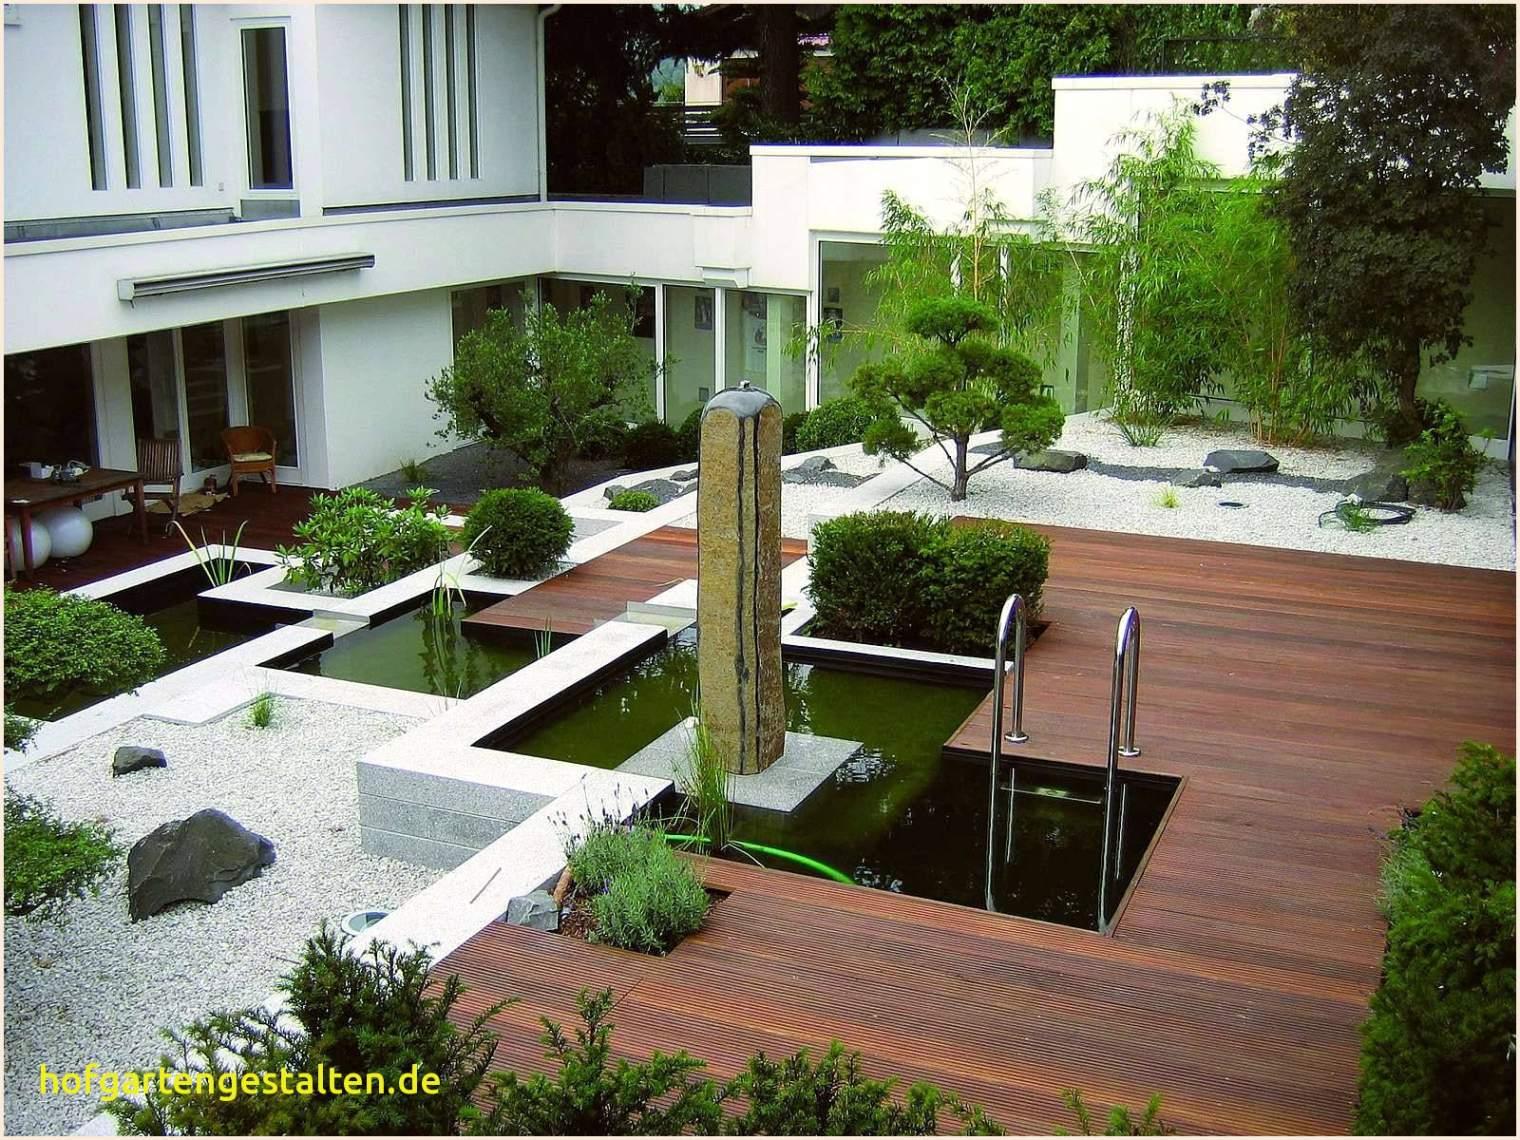 Garten Für Faule Das Beste Von Großen Garten Gestalten — Temobardz Home Blog